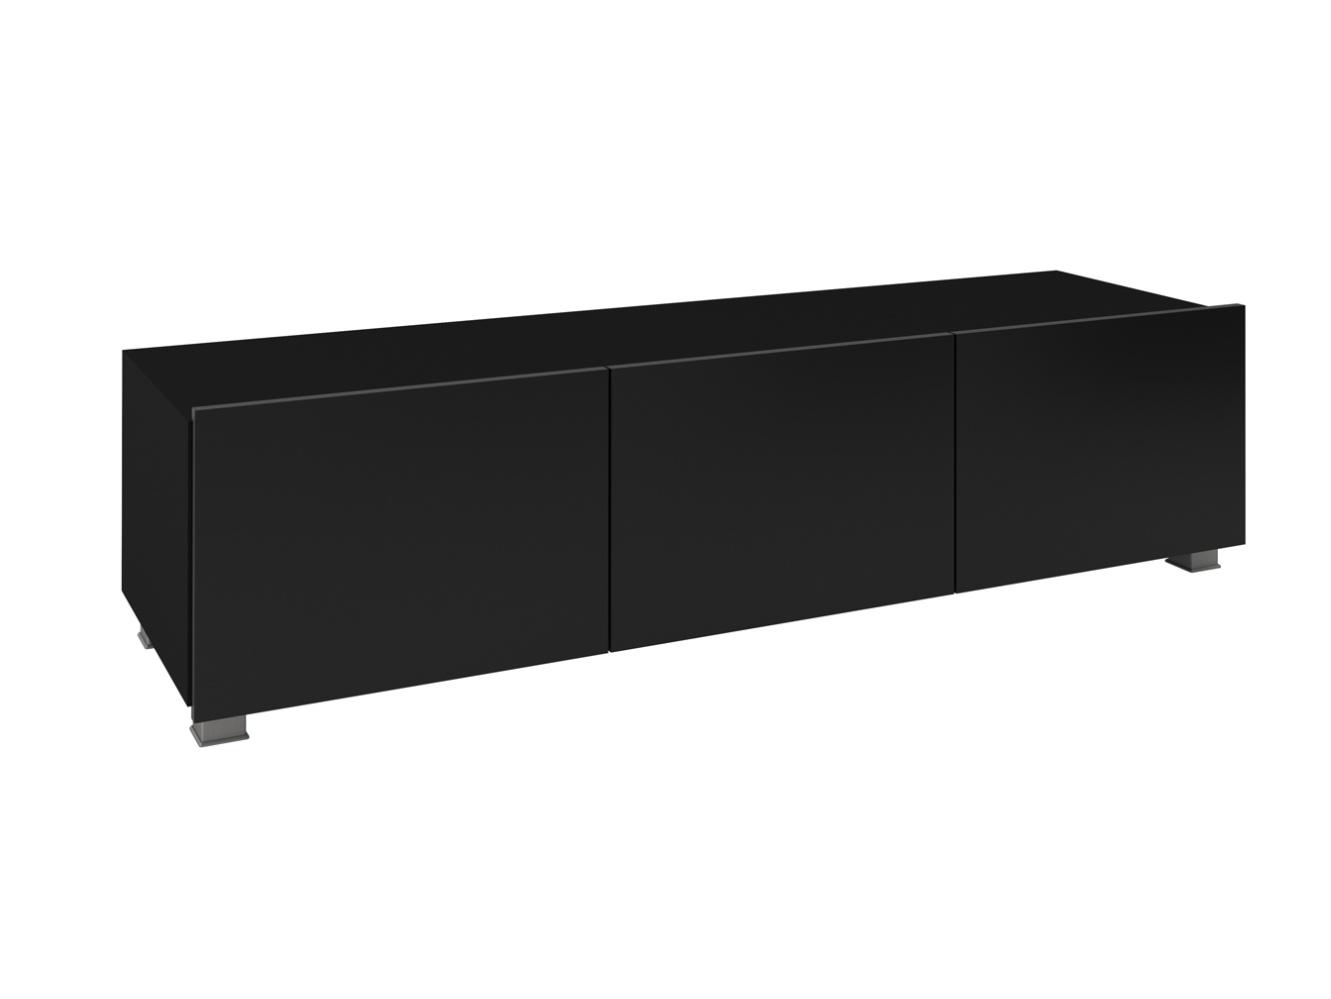 Smartshop Televizní stolek RTV 150 CALABRINI, černá/černý lesk